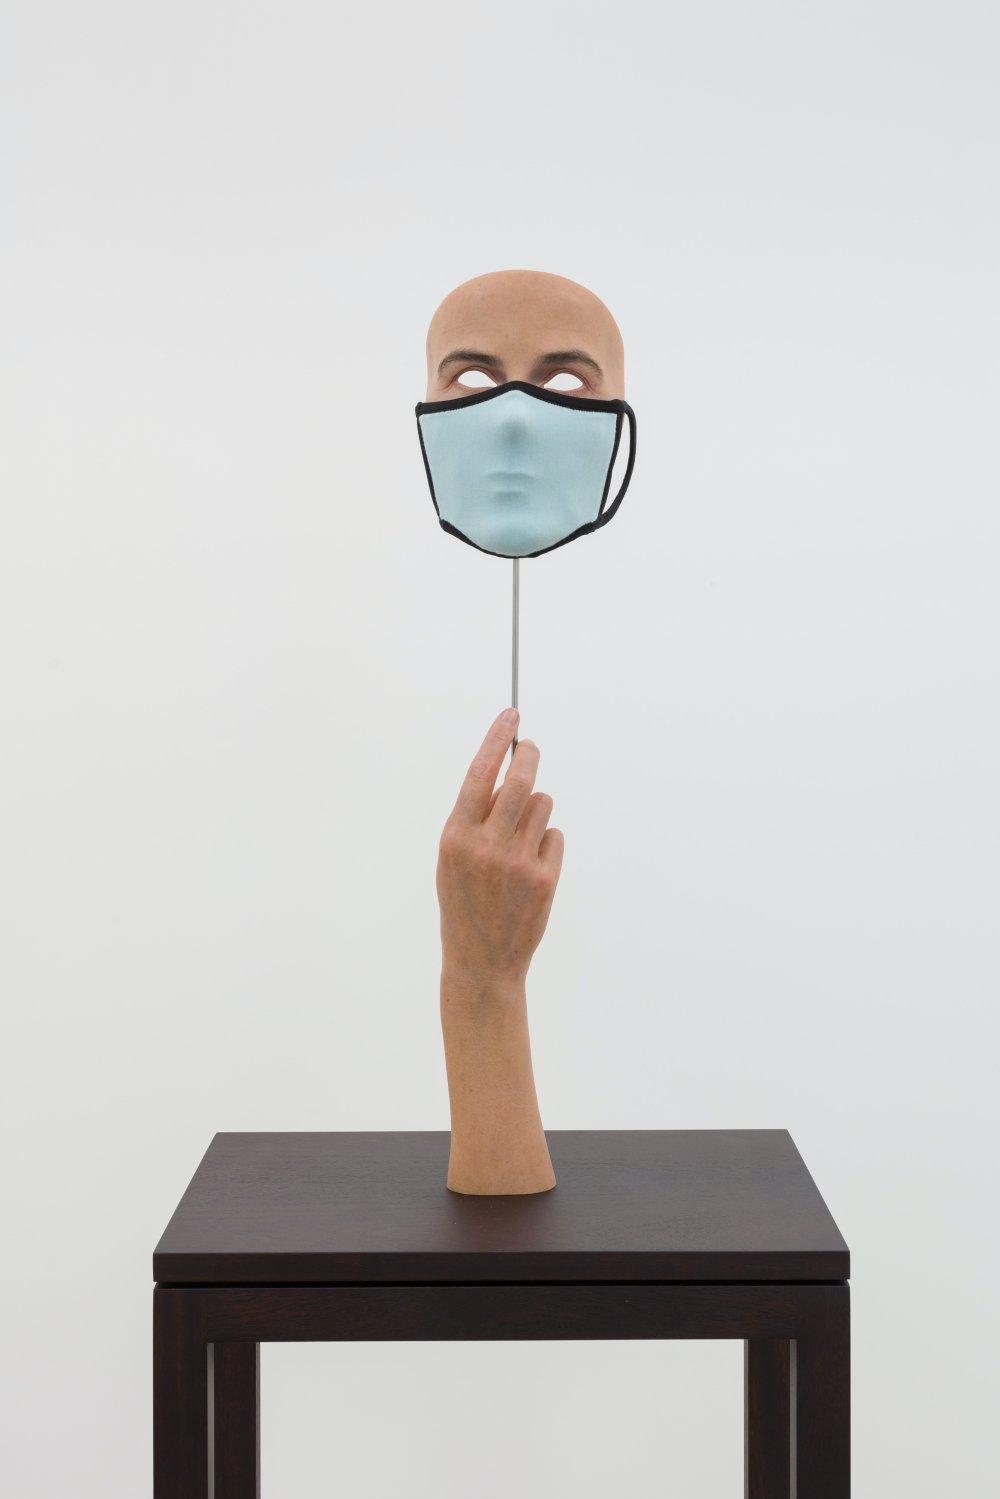 Mask Masked